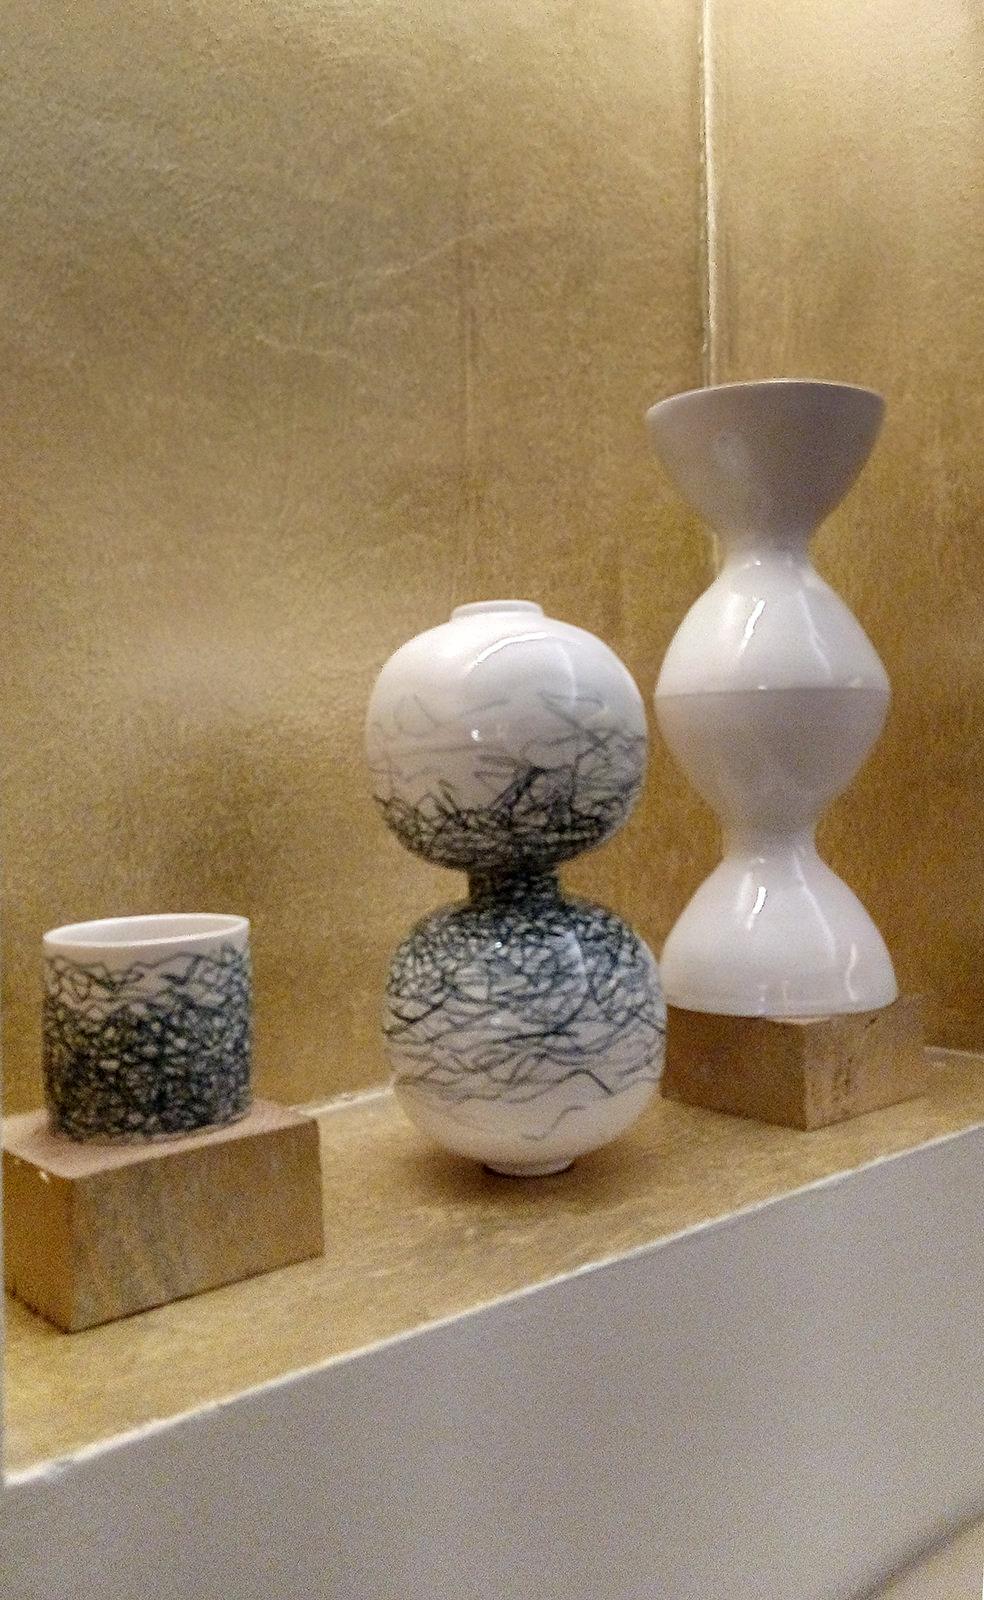 Keramikausstellung Hotel Rathaus Juni 2020 Philomena Fischer